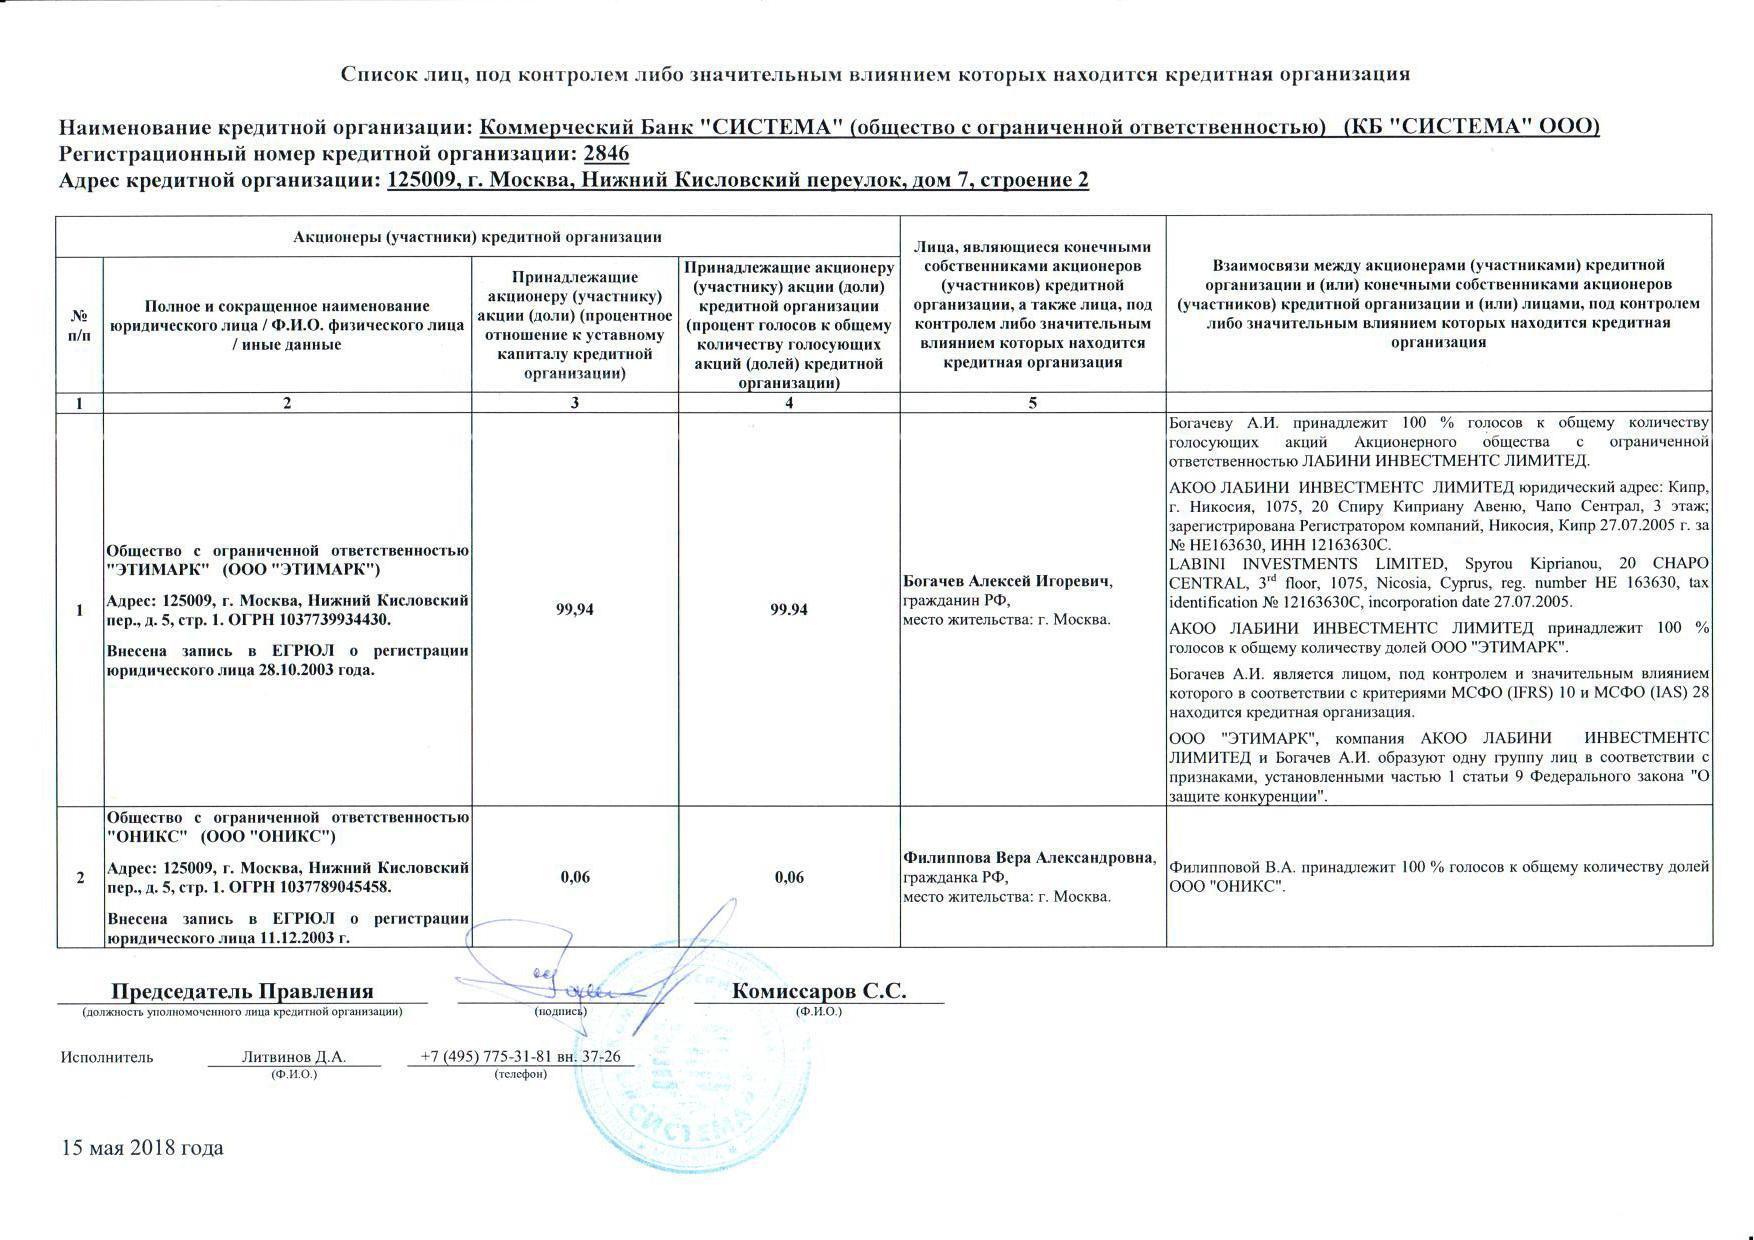 Список аффилированных лиц ооо бланк скачать